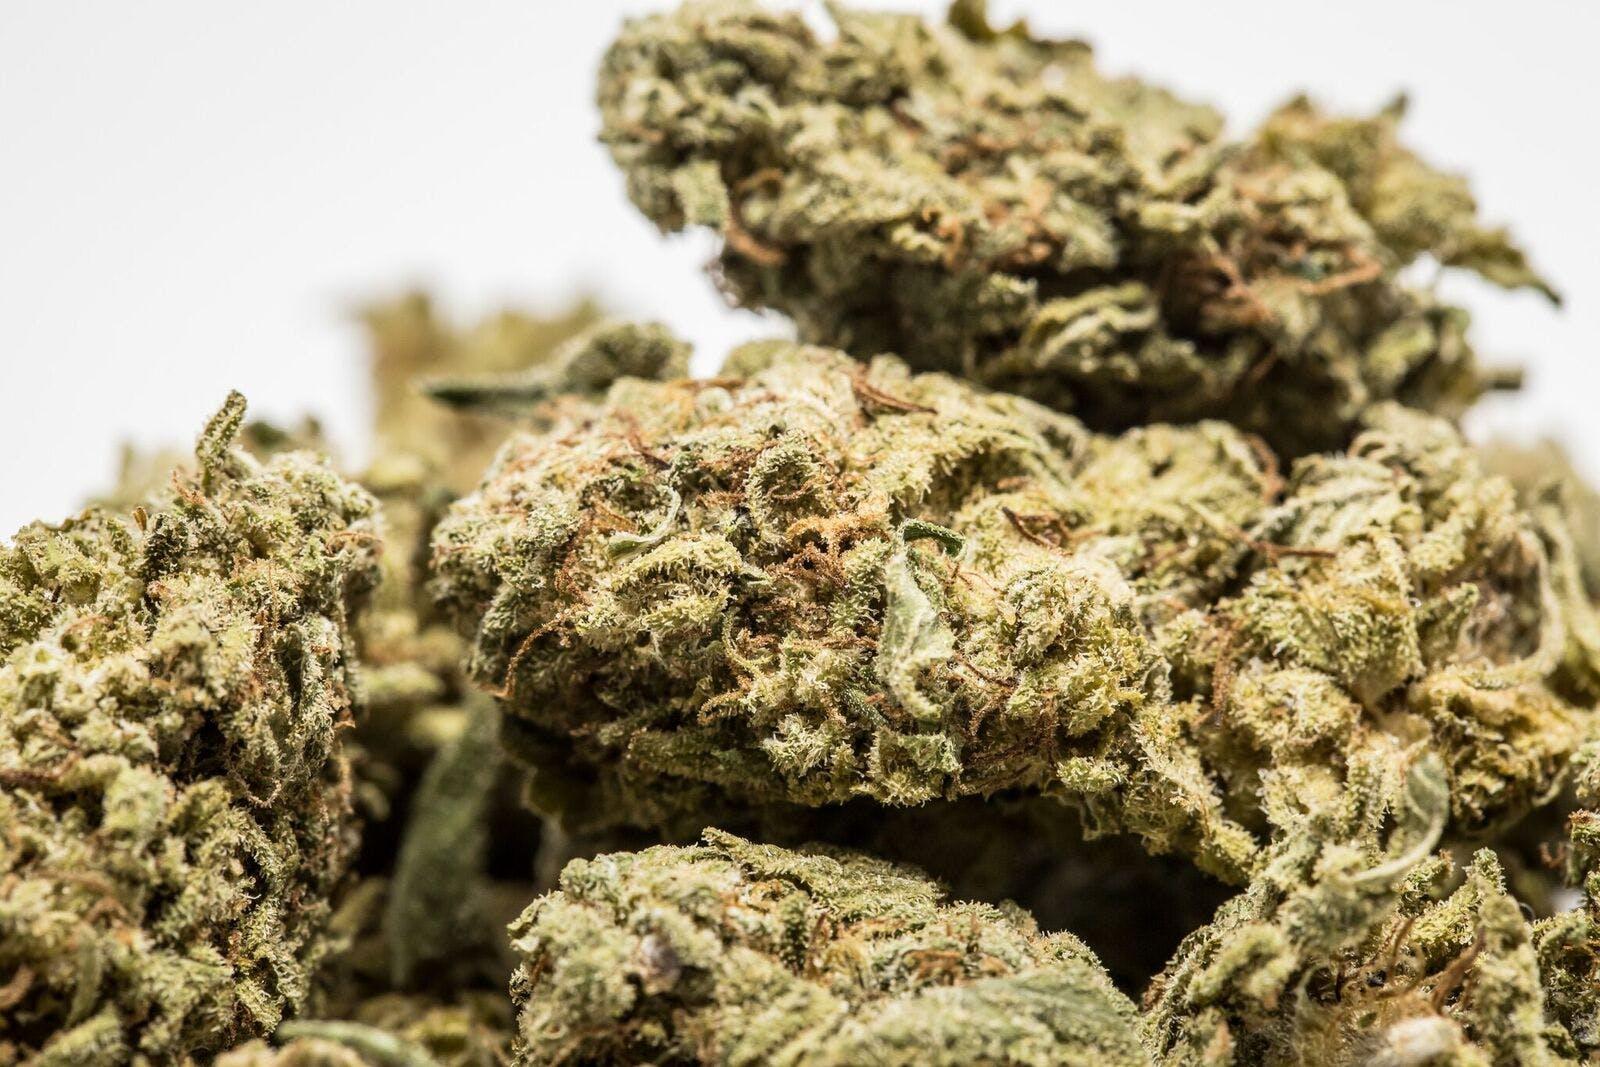 Strawberry Haze Weed; Strawberry Haze Cannabis Strain; Strawberry Haze Sativa Marijuana Strain